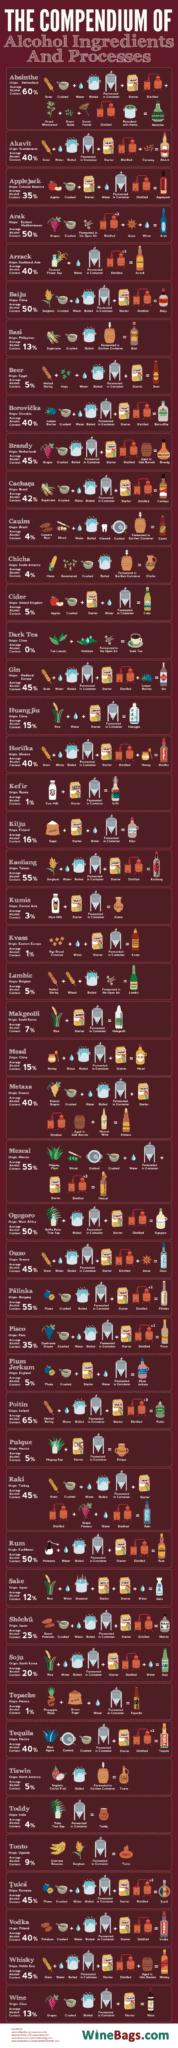 AlcoholingredientsGraphic